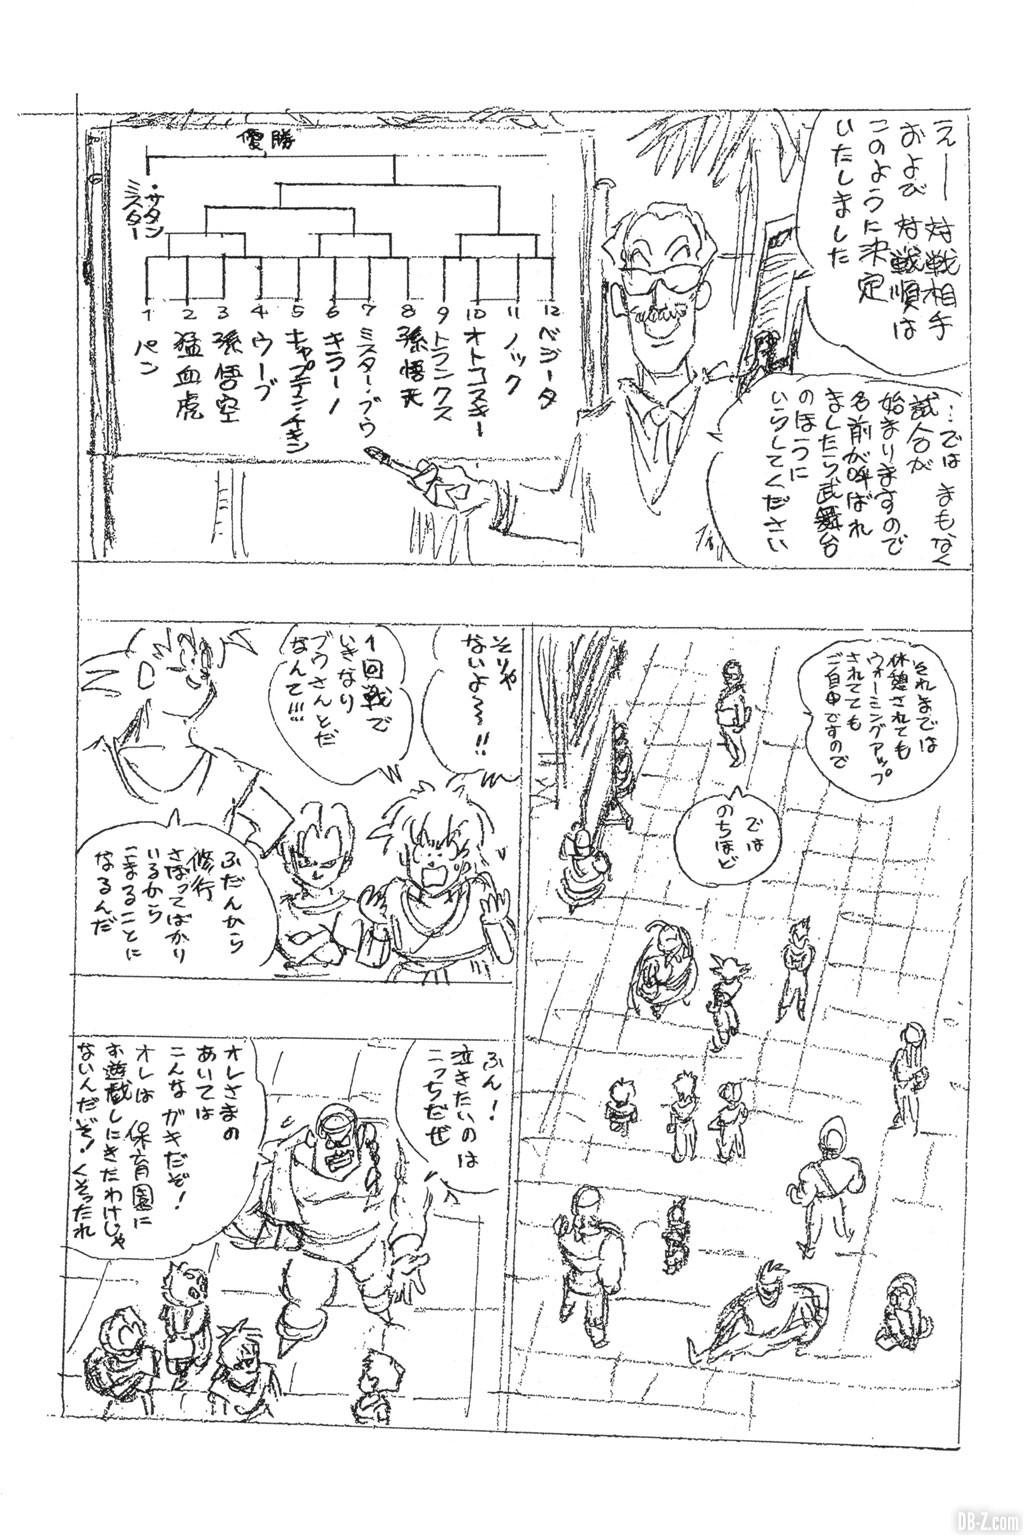 Brouillon Akira Toriyama Dernier Chapitre de Dragon Ball Page 3